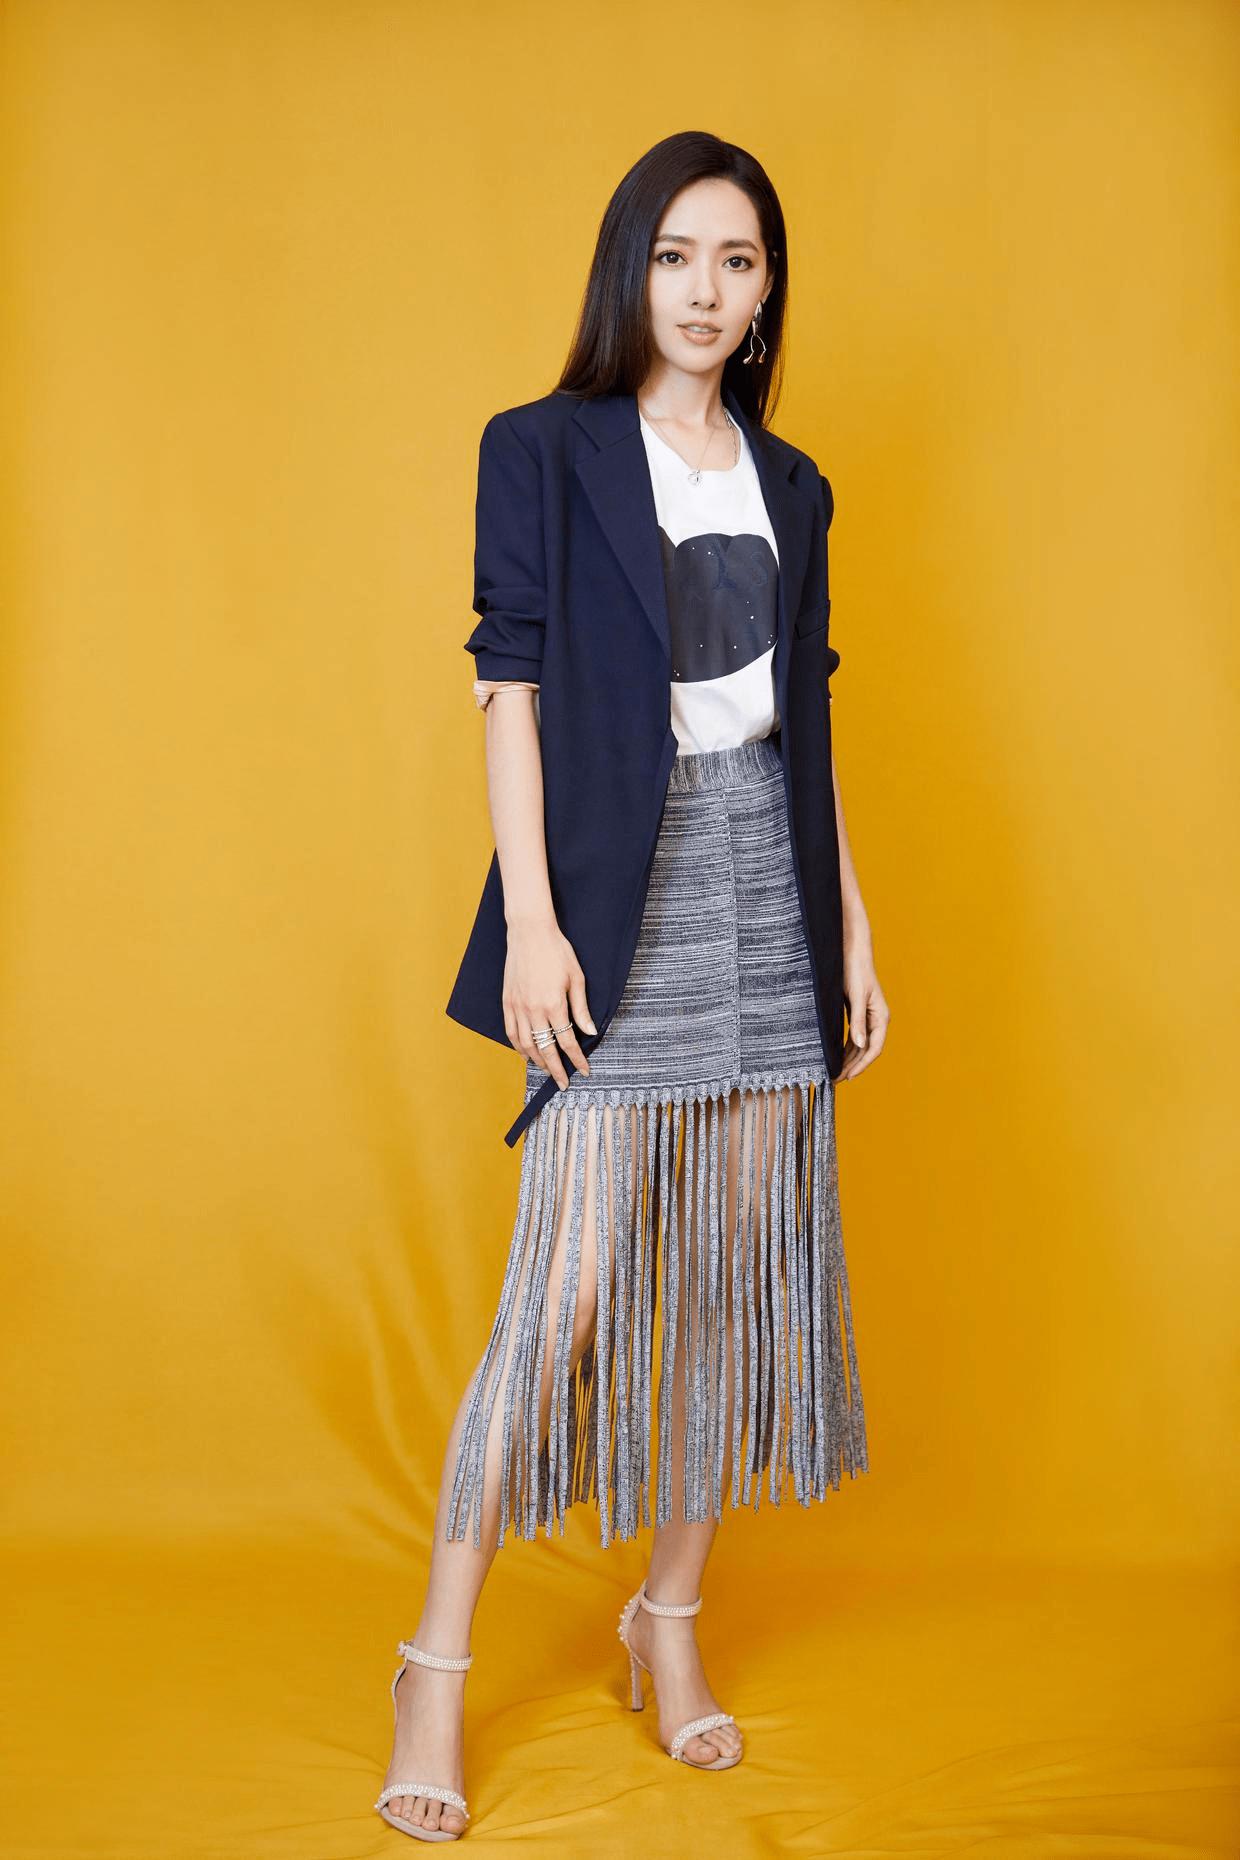 """37岁的郭碧婷依然美如""""初恋"""",穿一件蕾丝元素连衣裙,清纯甜美"""